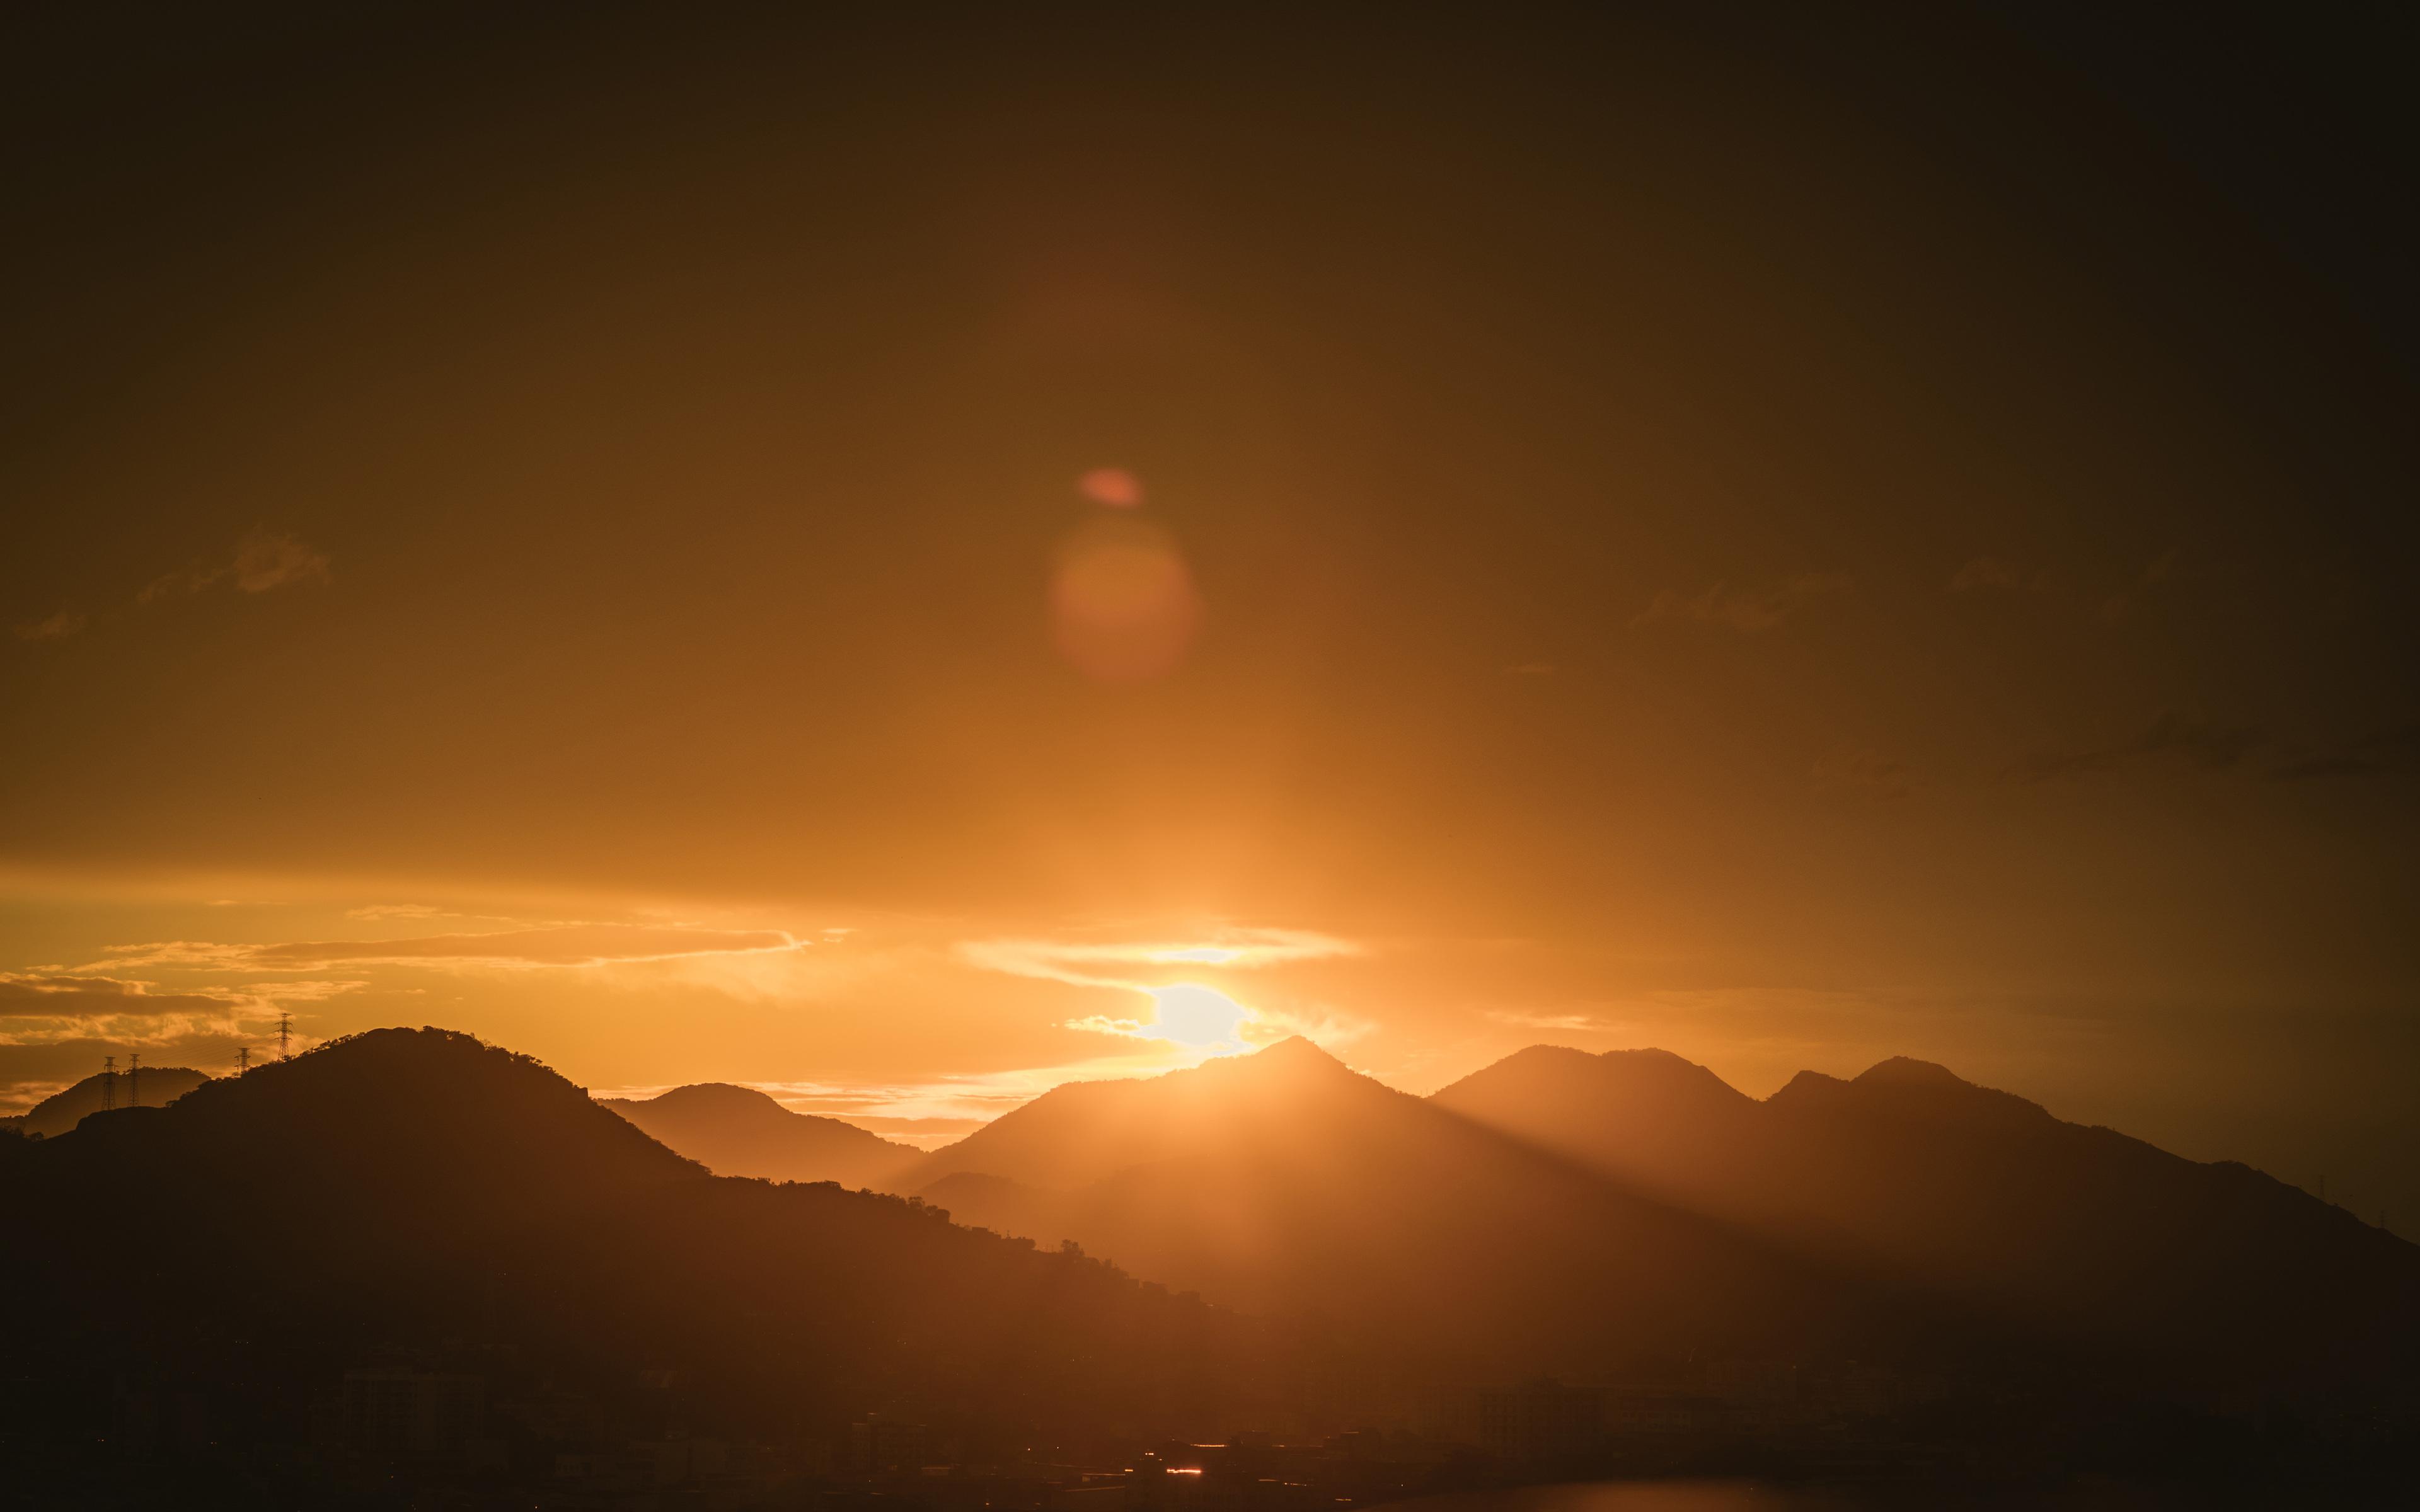 mountain-range-during-golden-hour-n1.jpg